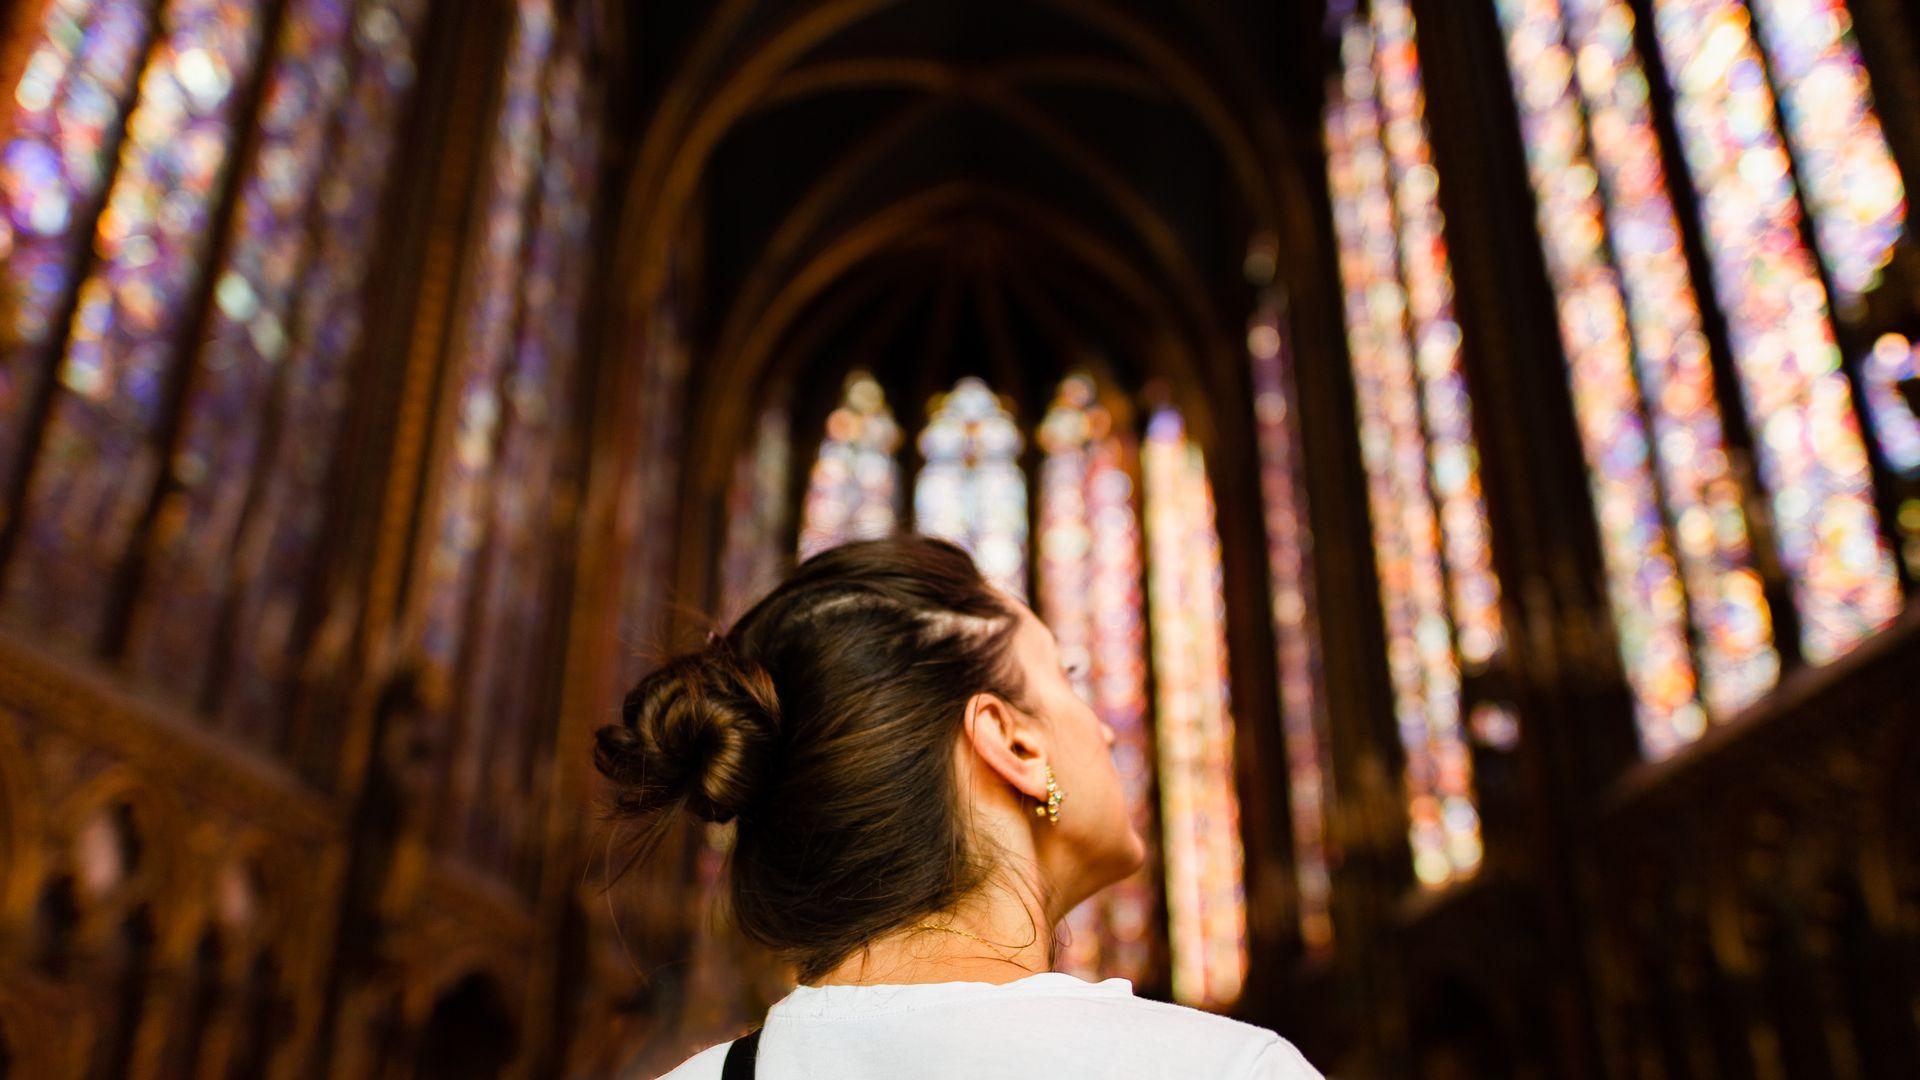 La Sainte-Chapelle: Admission Ticket & Audio Tour